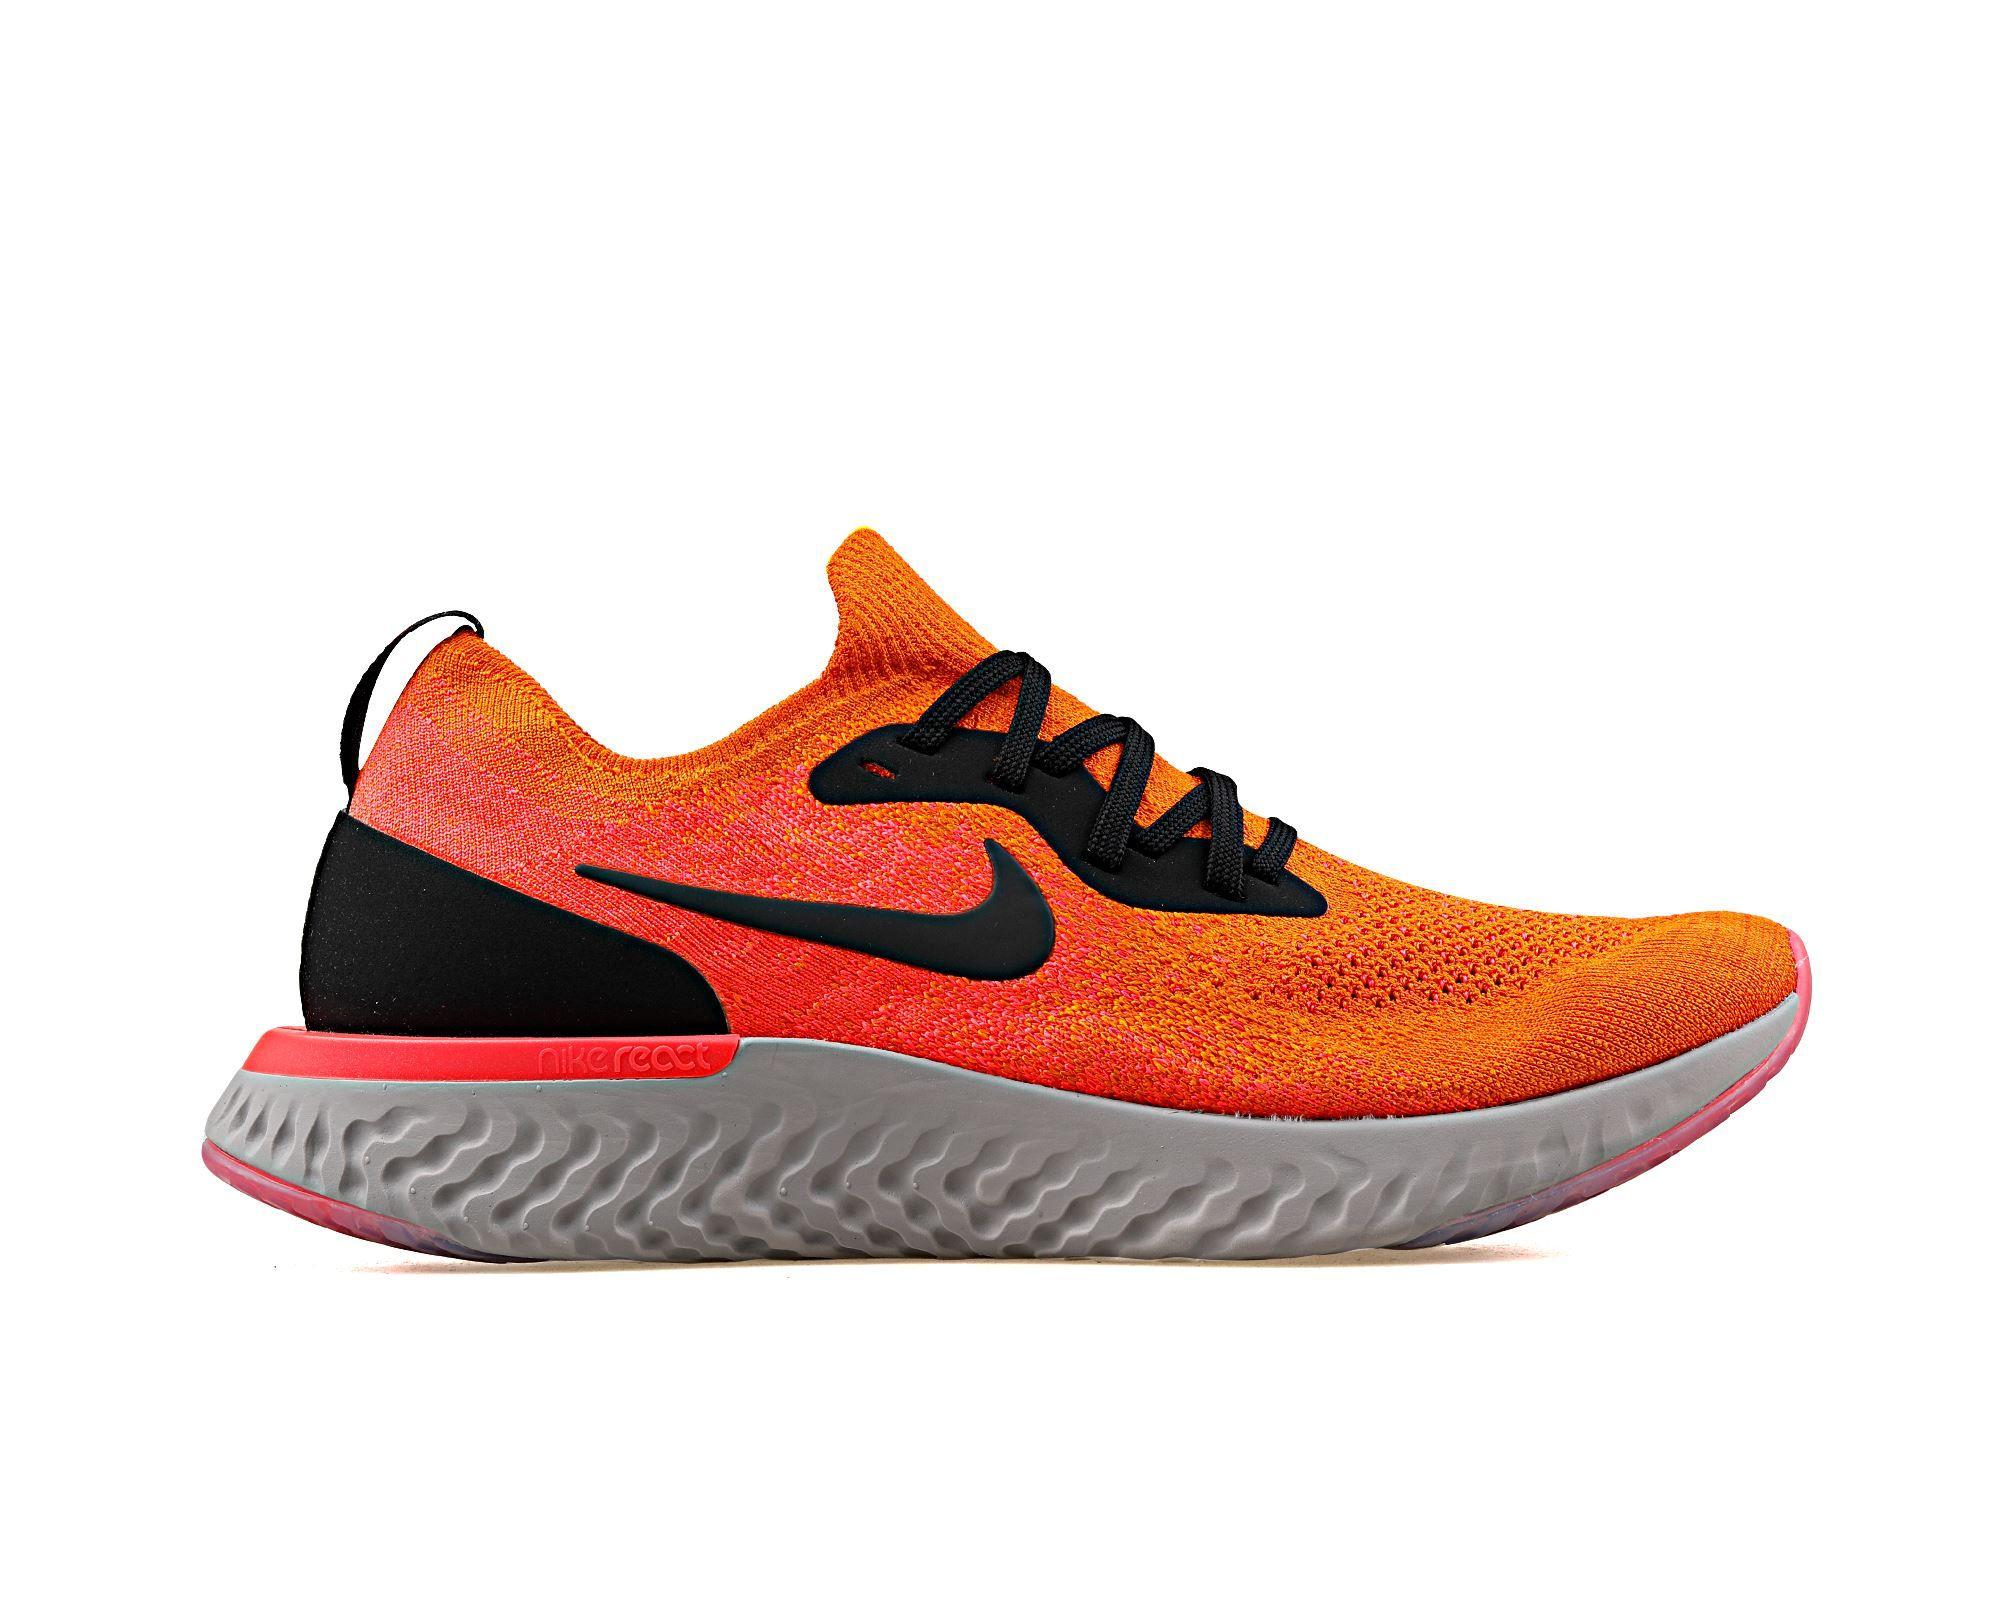 promo code 97be1 81c3e Epic React Flyknit Erkek Nike Turuncu Erkek Koşu Ayakkabısı AQ0067-800    Korayspor